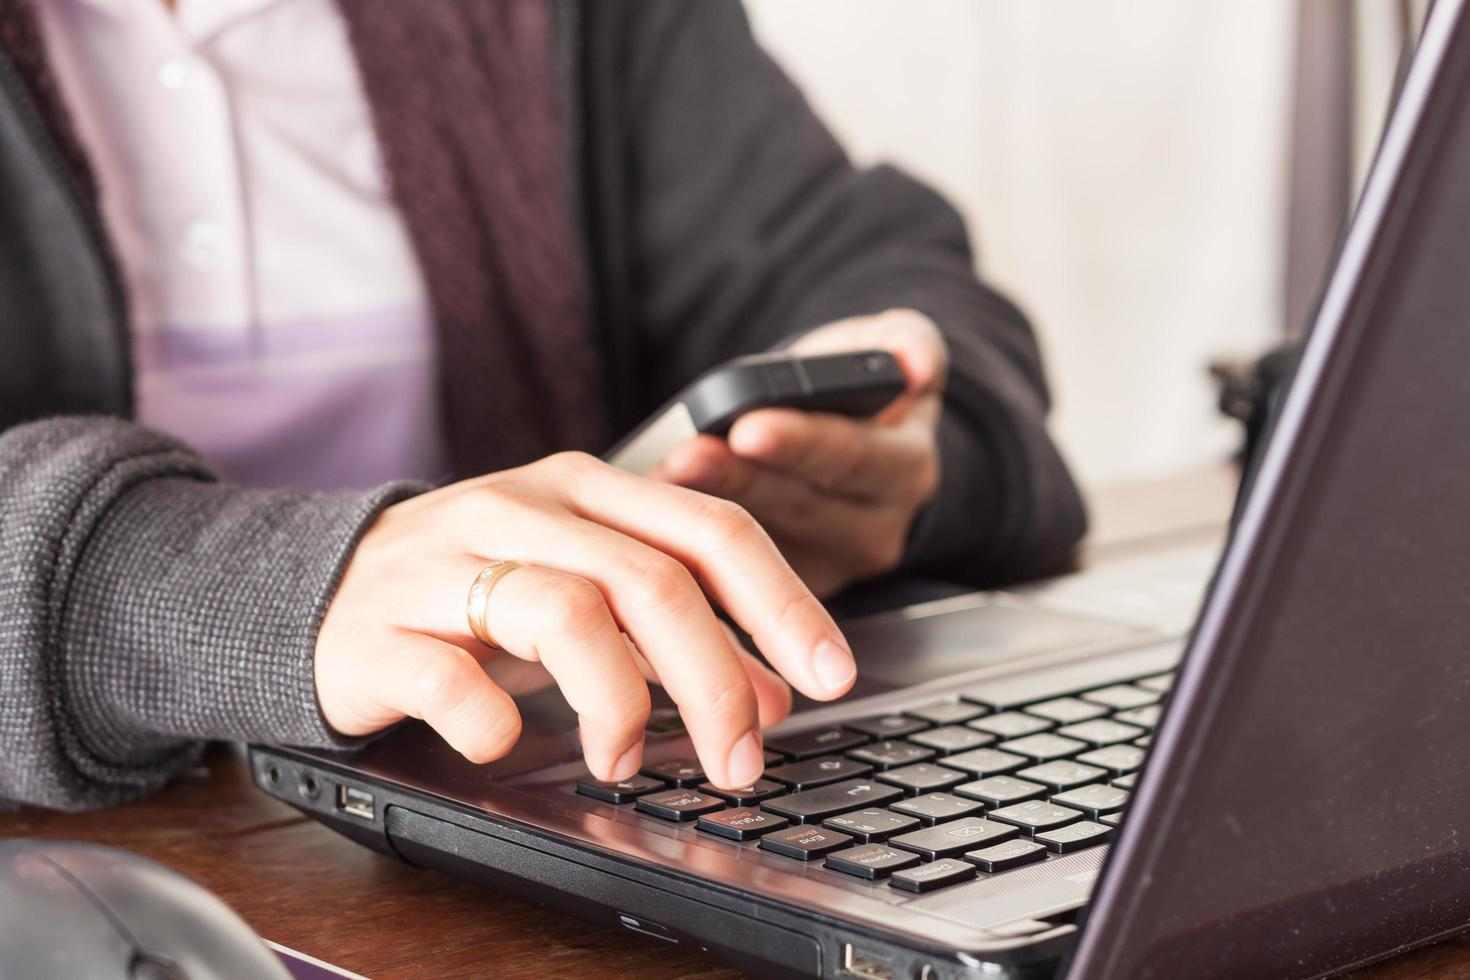 persona trabajando en laptop